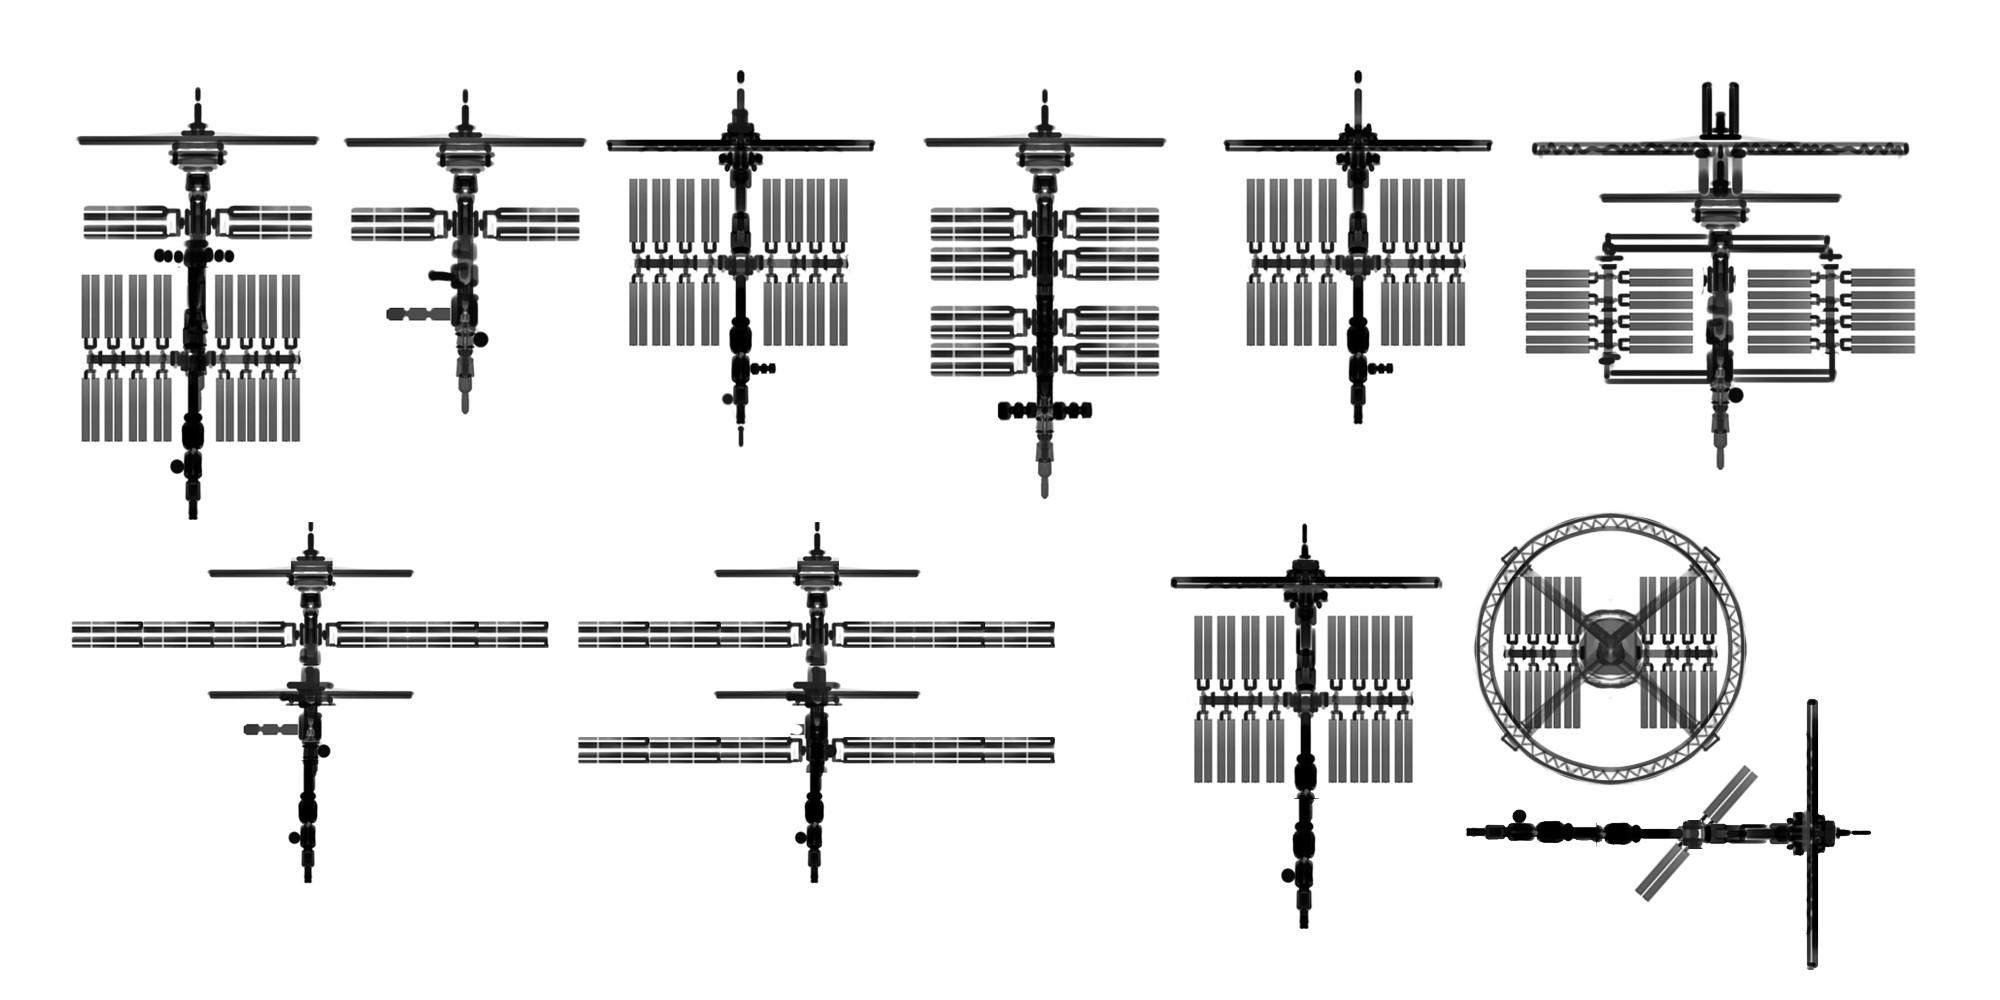 shape design using basic geometry